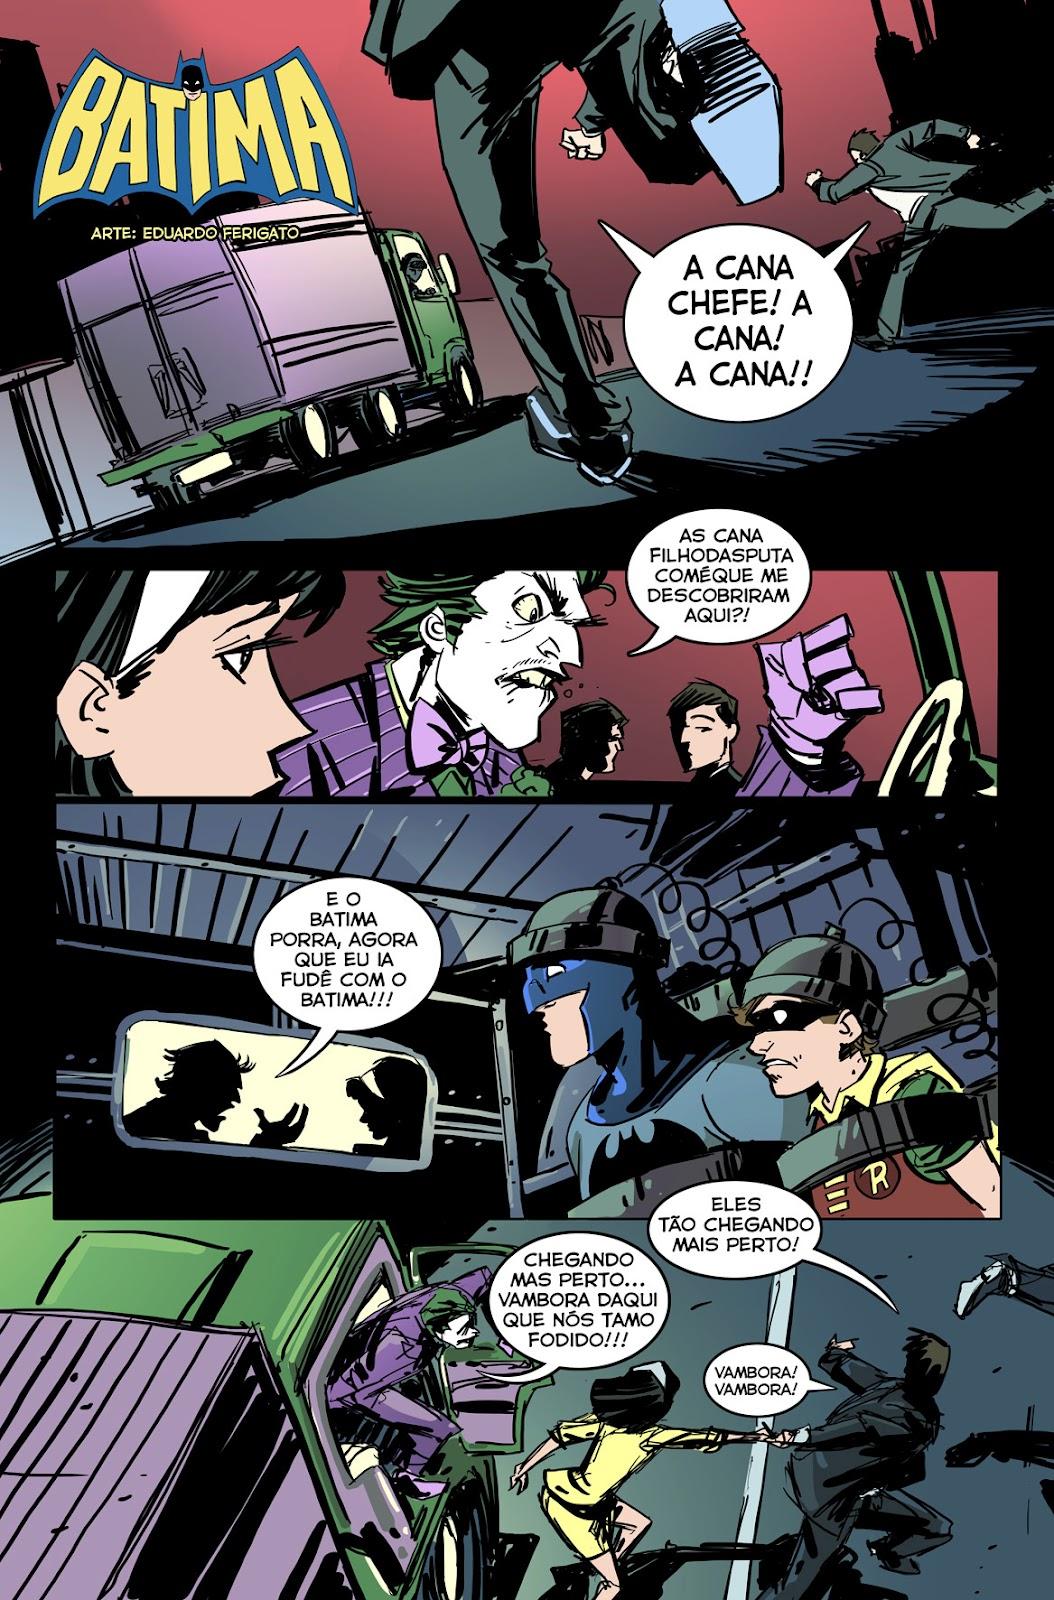 [Tópico Oficial] Batman na Feira da Fruta em Quadrinhos Feira+da+fruta+fruta+1